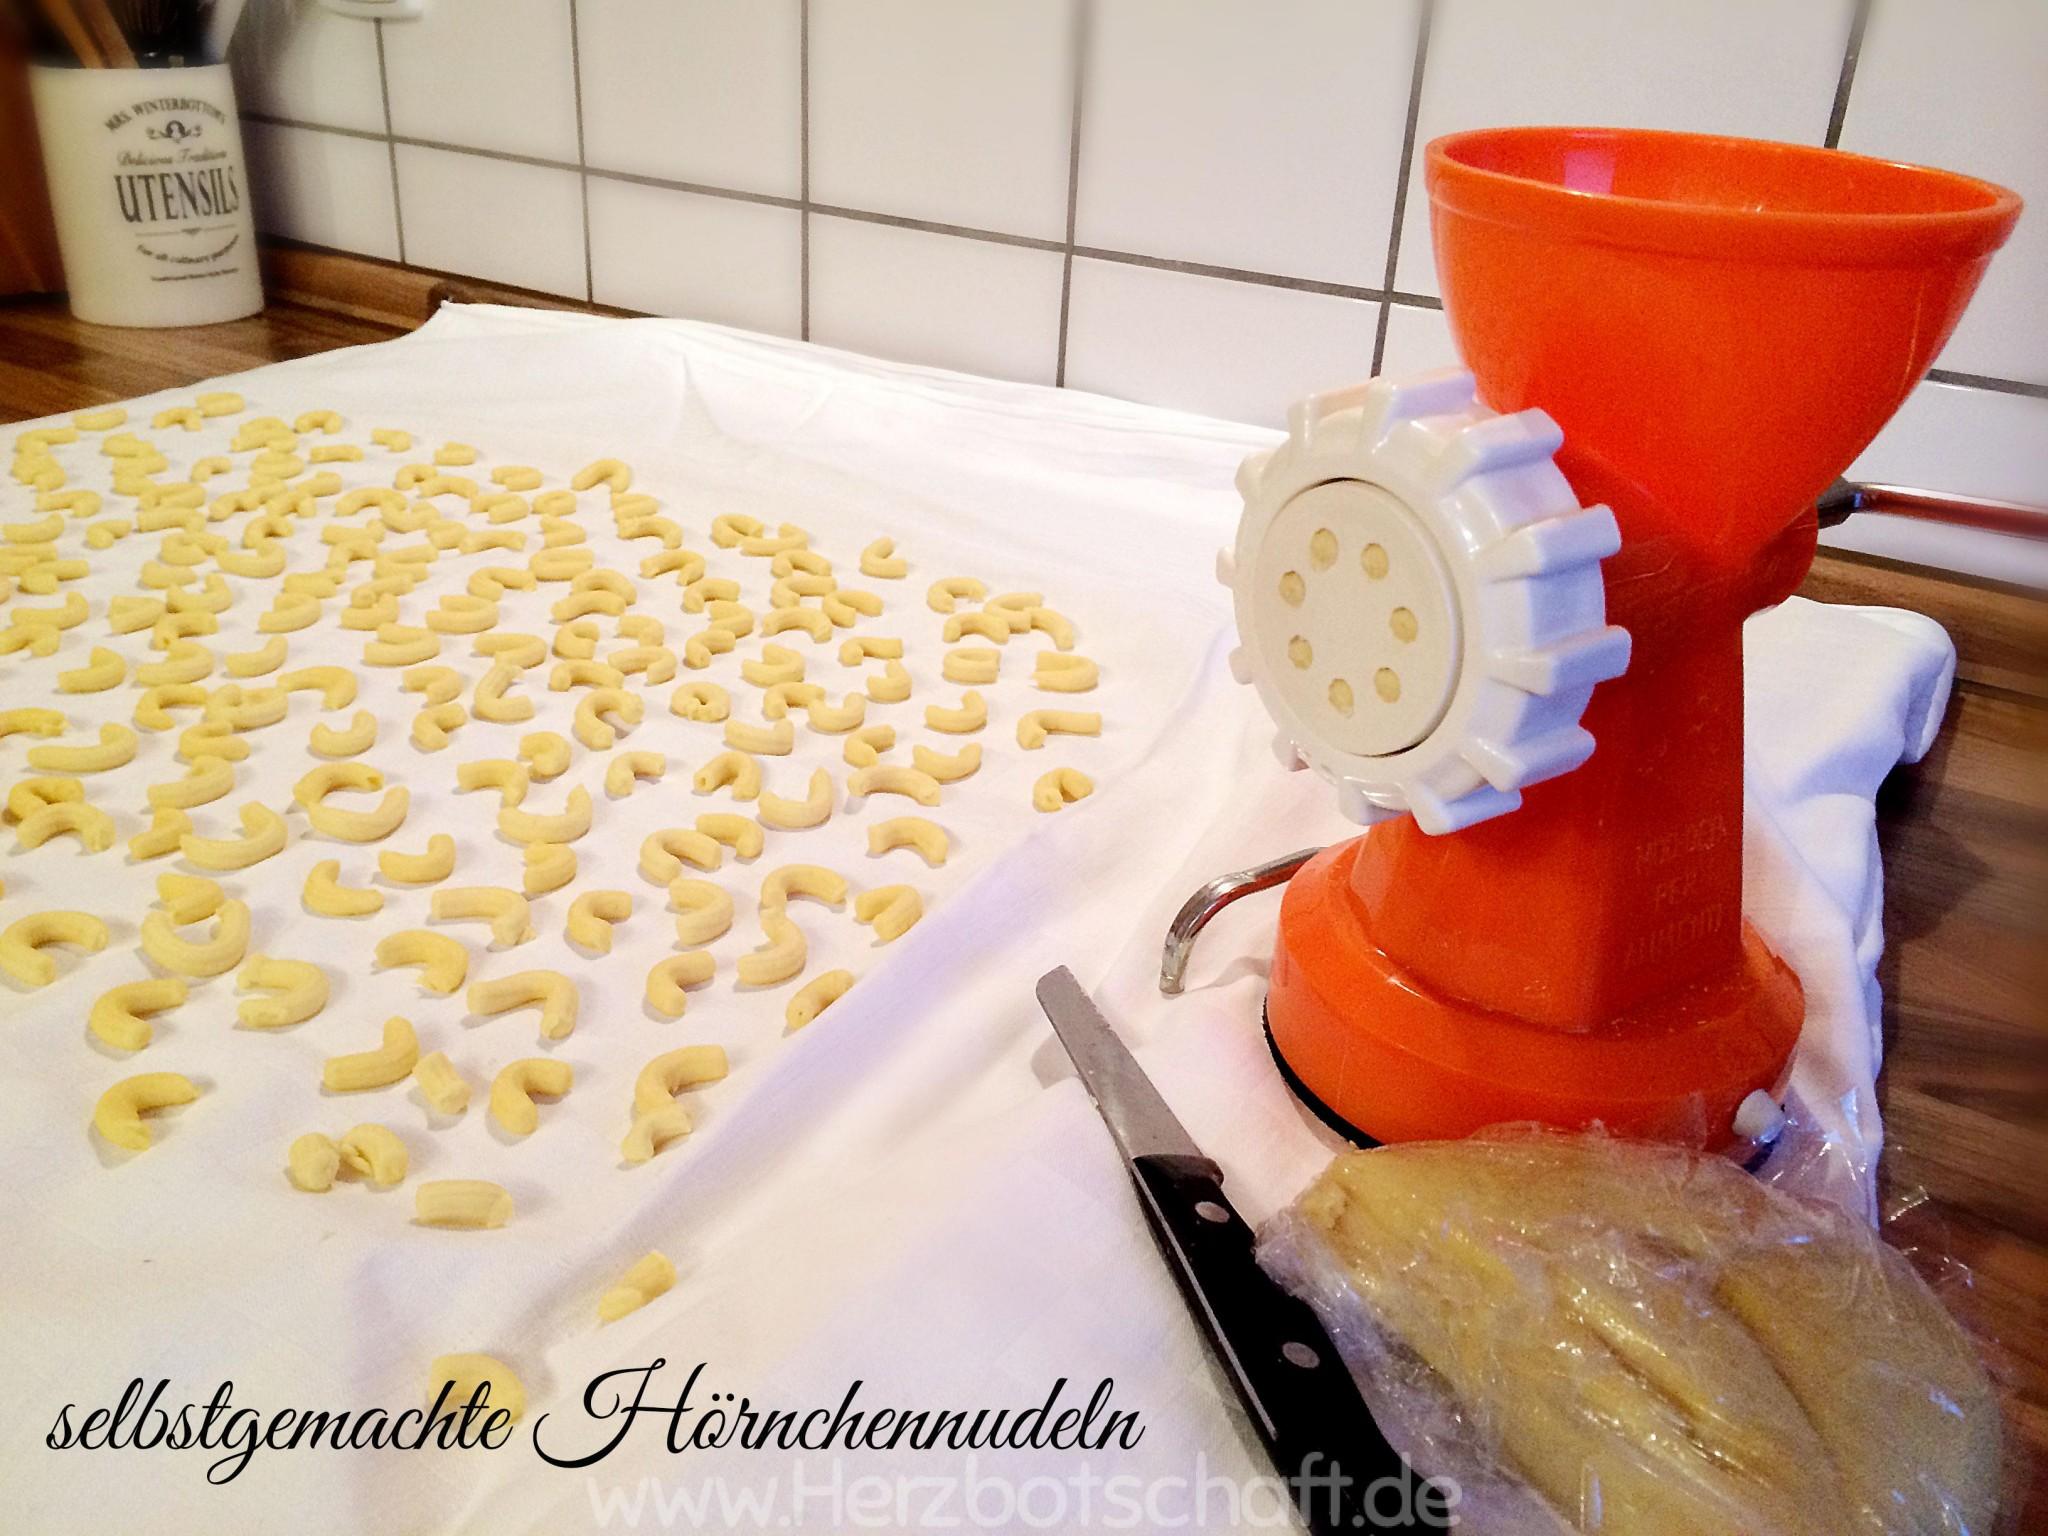 anleitung-selbstgemachte-hoernchennudeln-pasta